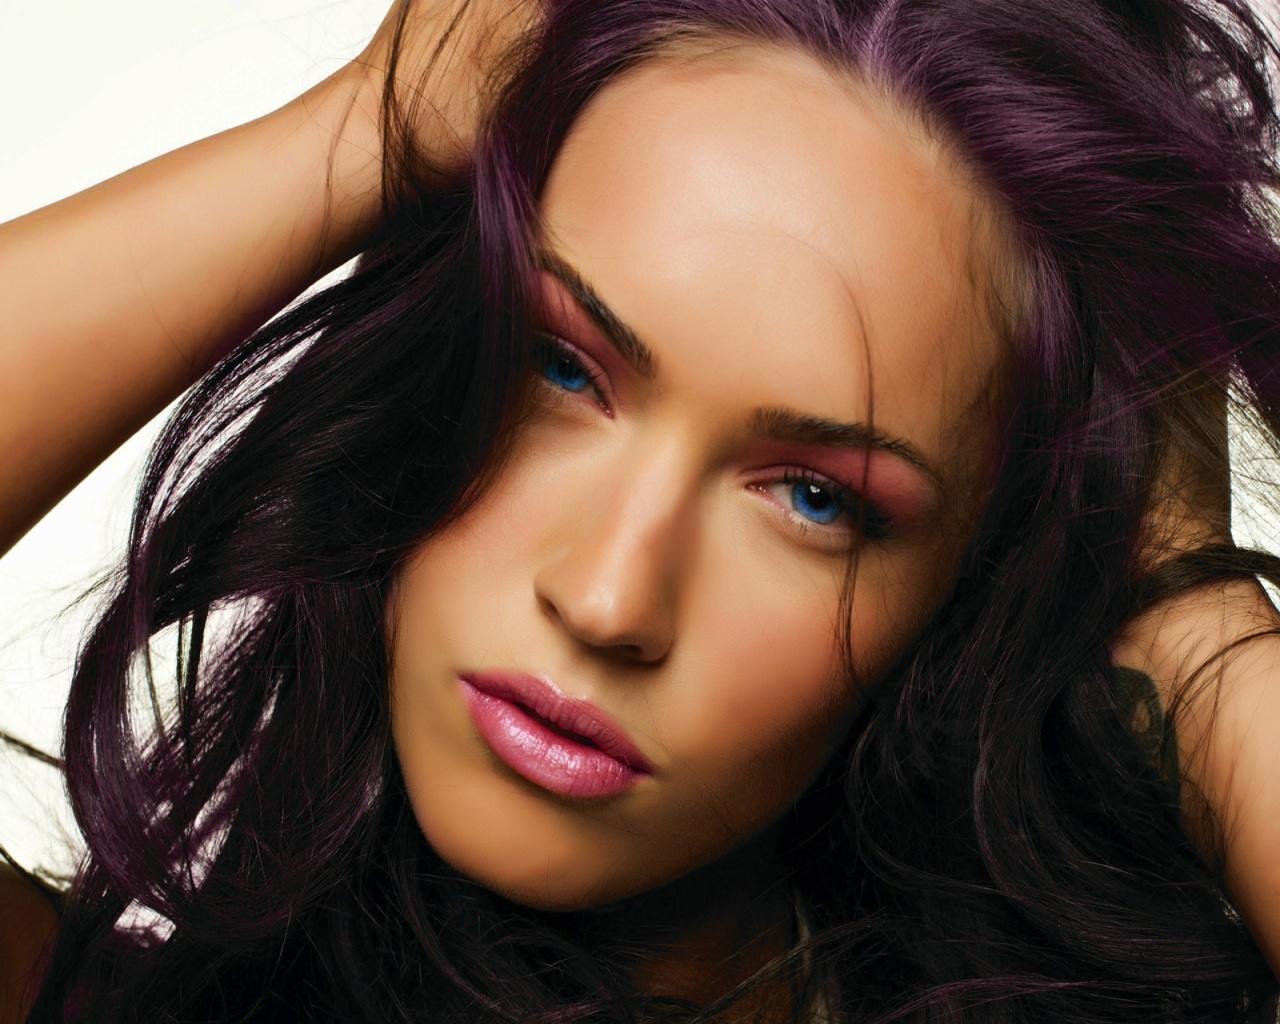 Megan Fox Close Up 1280x1024